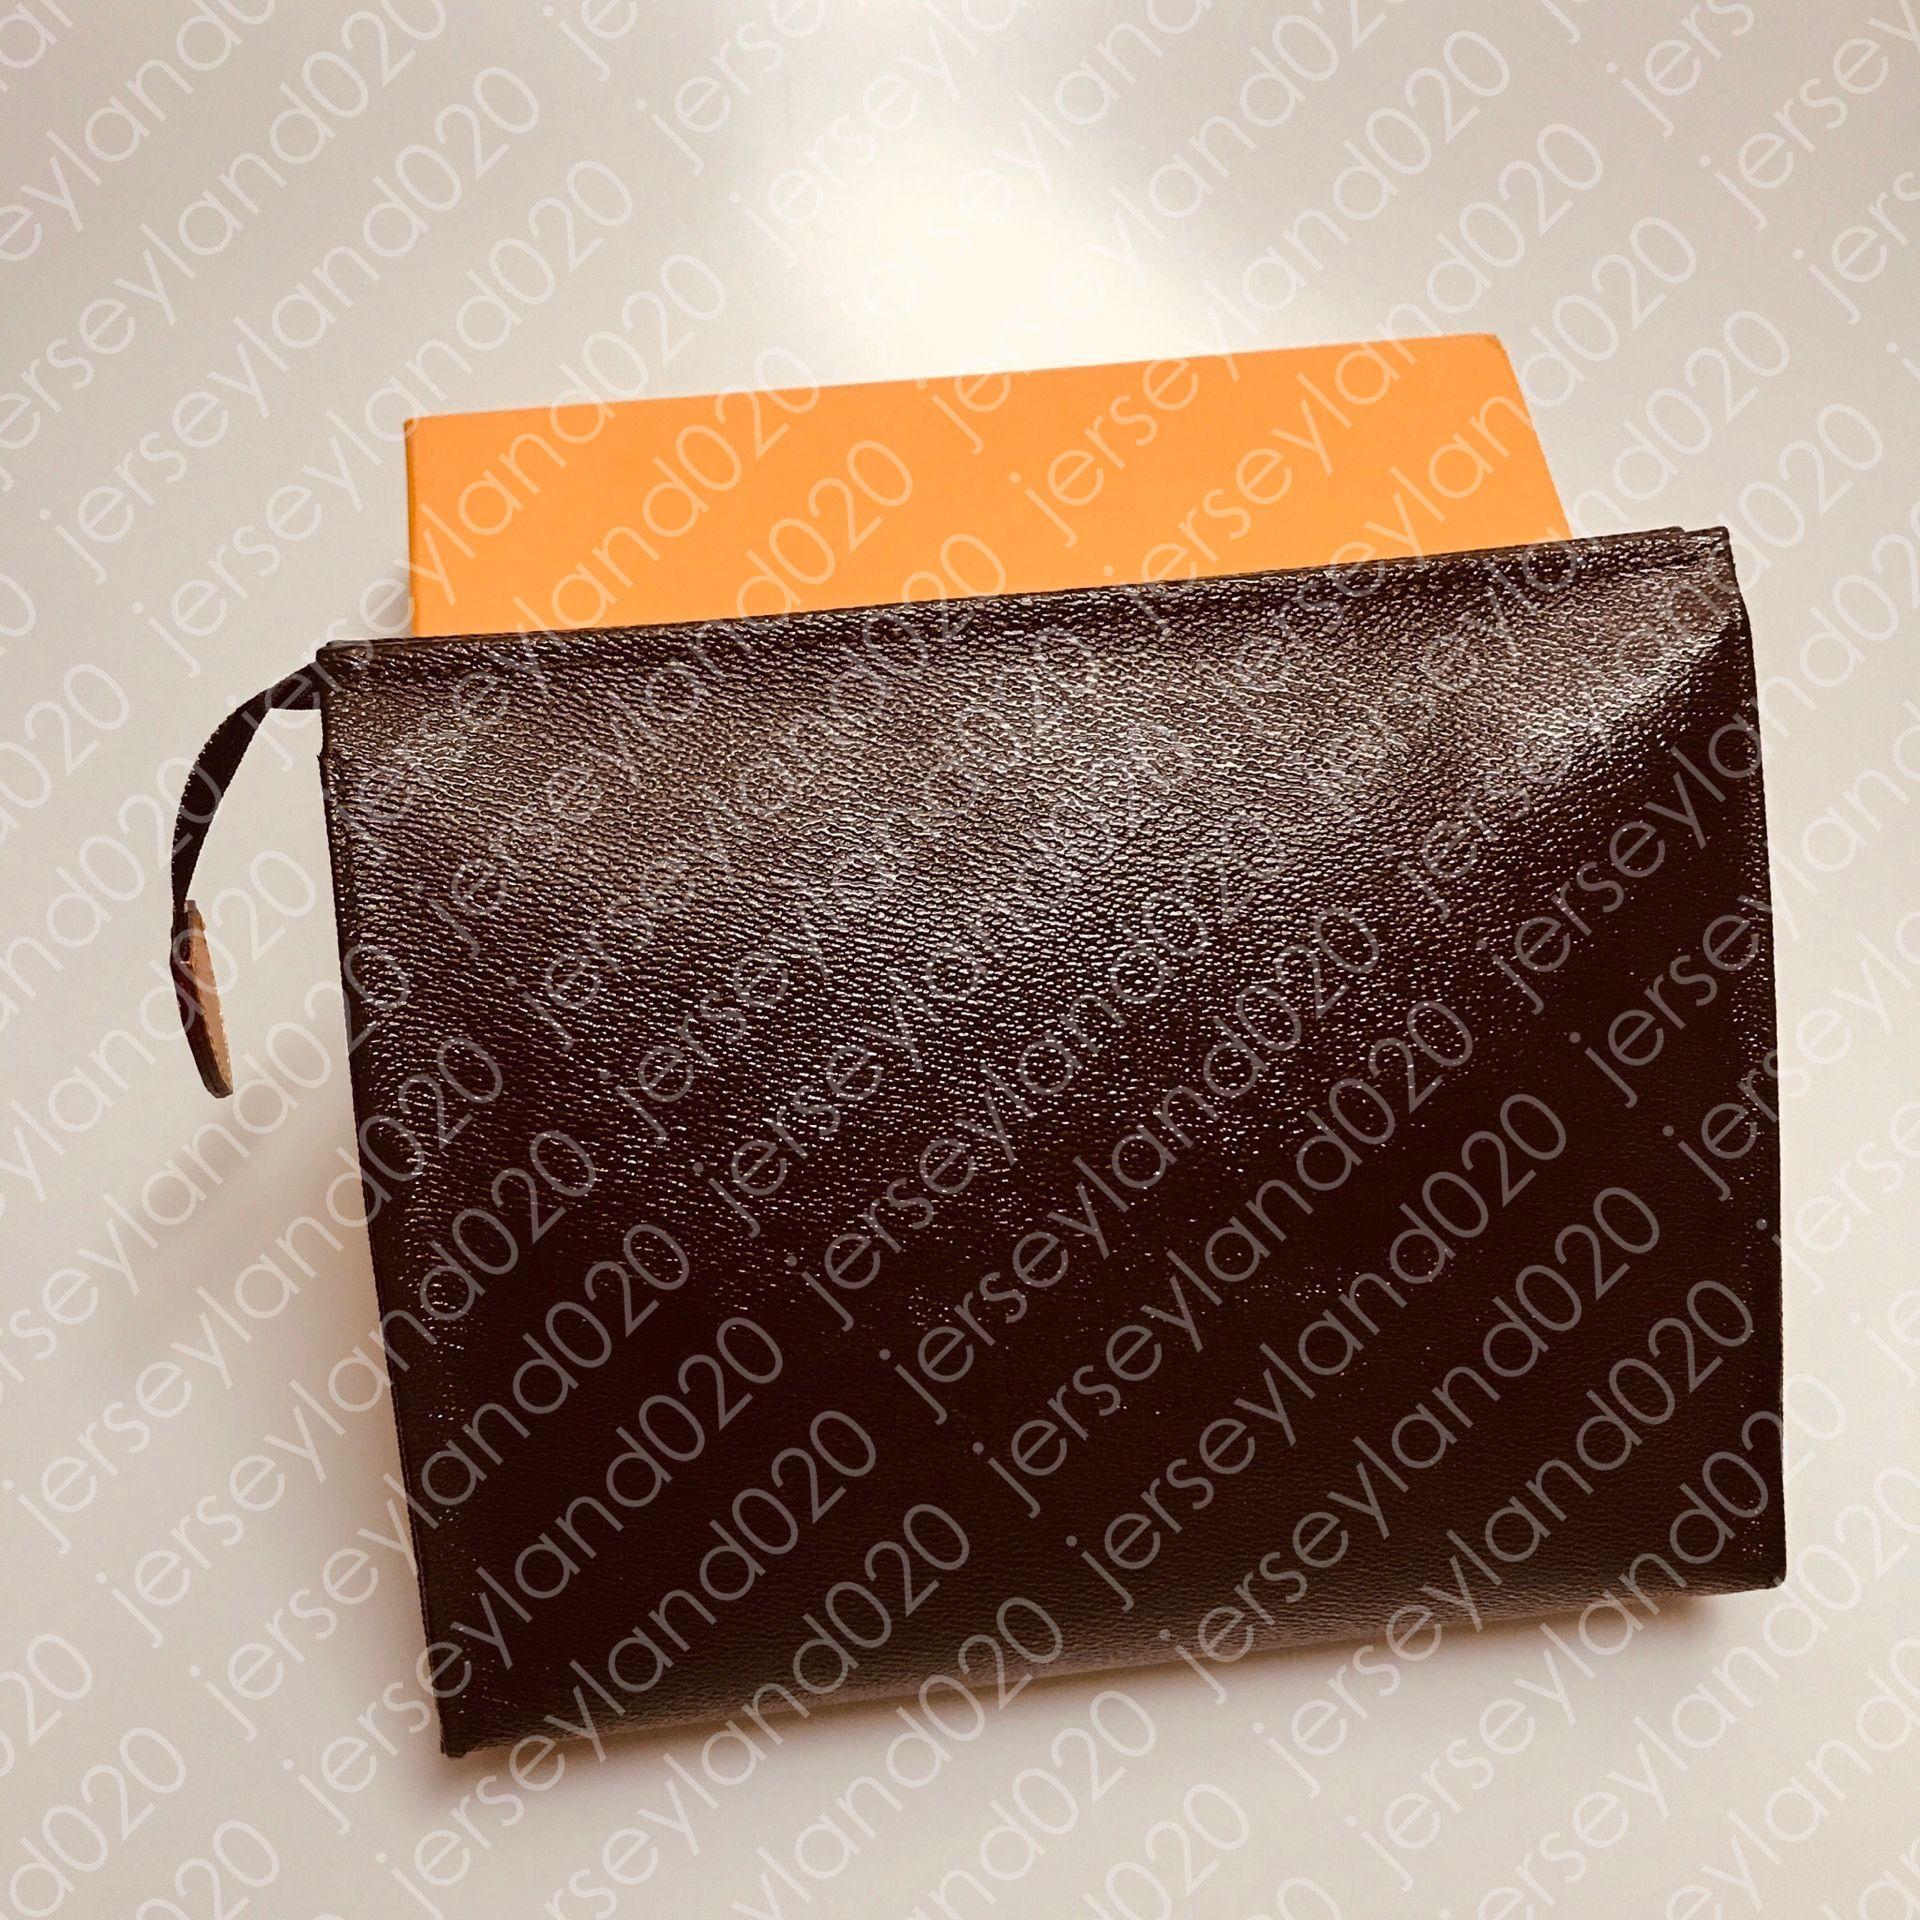 TOILETRY POUCH 26 19 15 cm Tasarımcı Moda Kahverengi Debriyaj Kozmetik Çanta Güzellik Lüks Seyahat Çantası Mini Pochette Aksesu ...